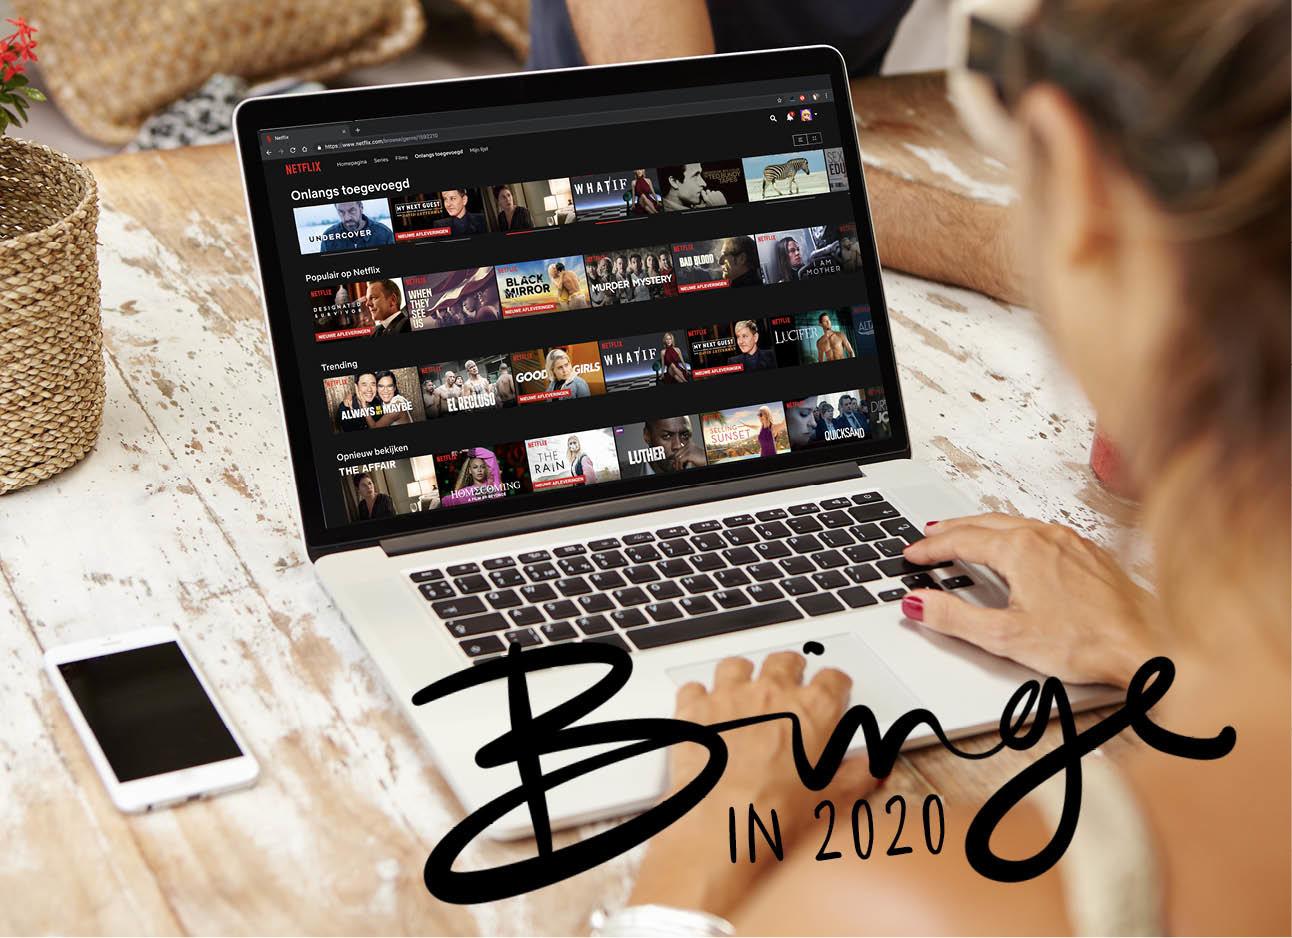 vrouw achter laptop kijkend naar Netflix series